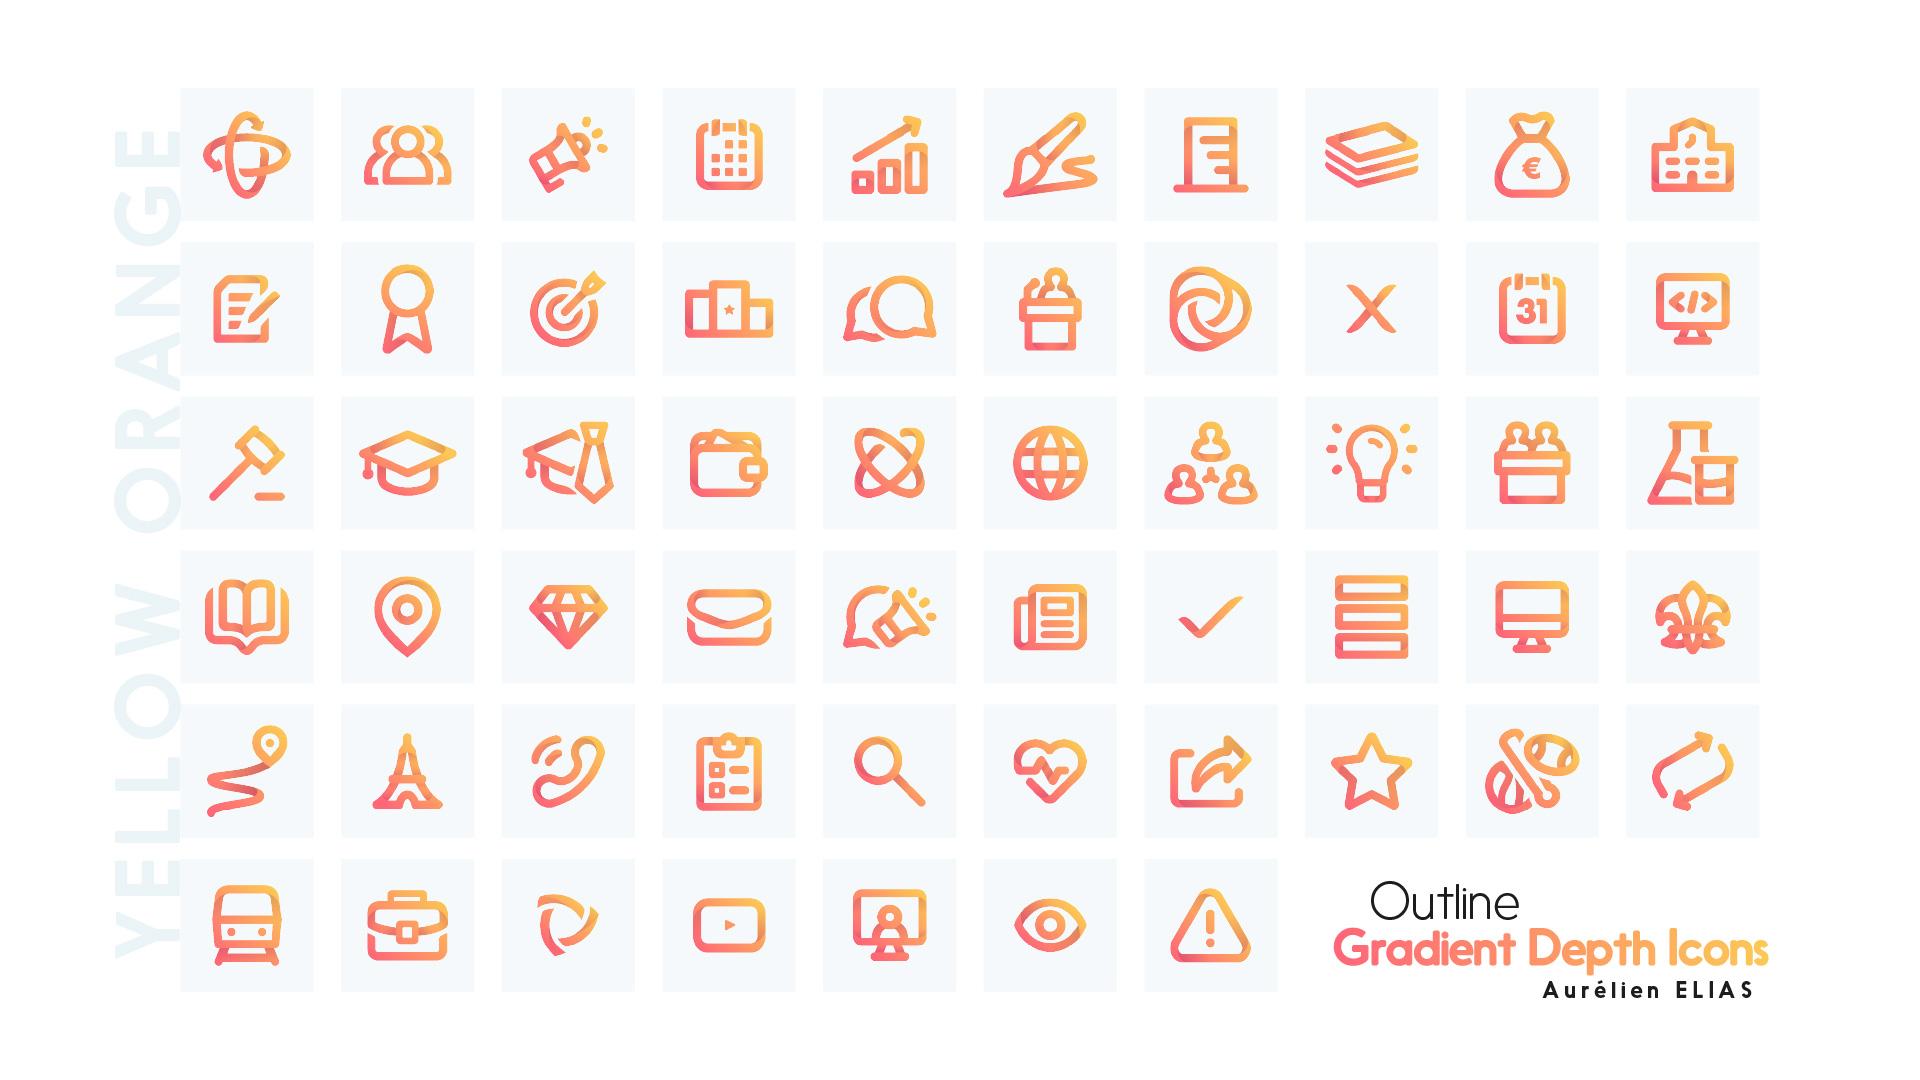 Blue green icons - Outline Gradient Depth Icons by Aurélien Elias